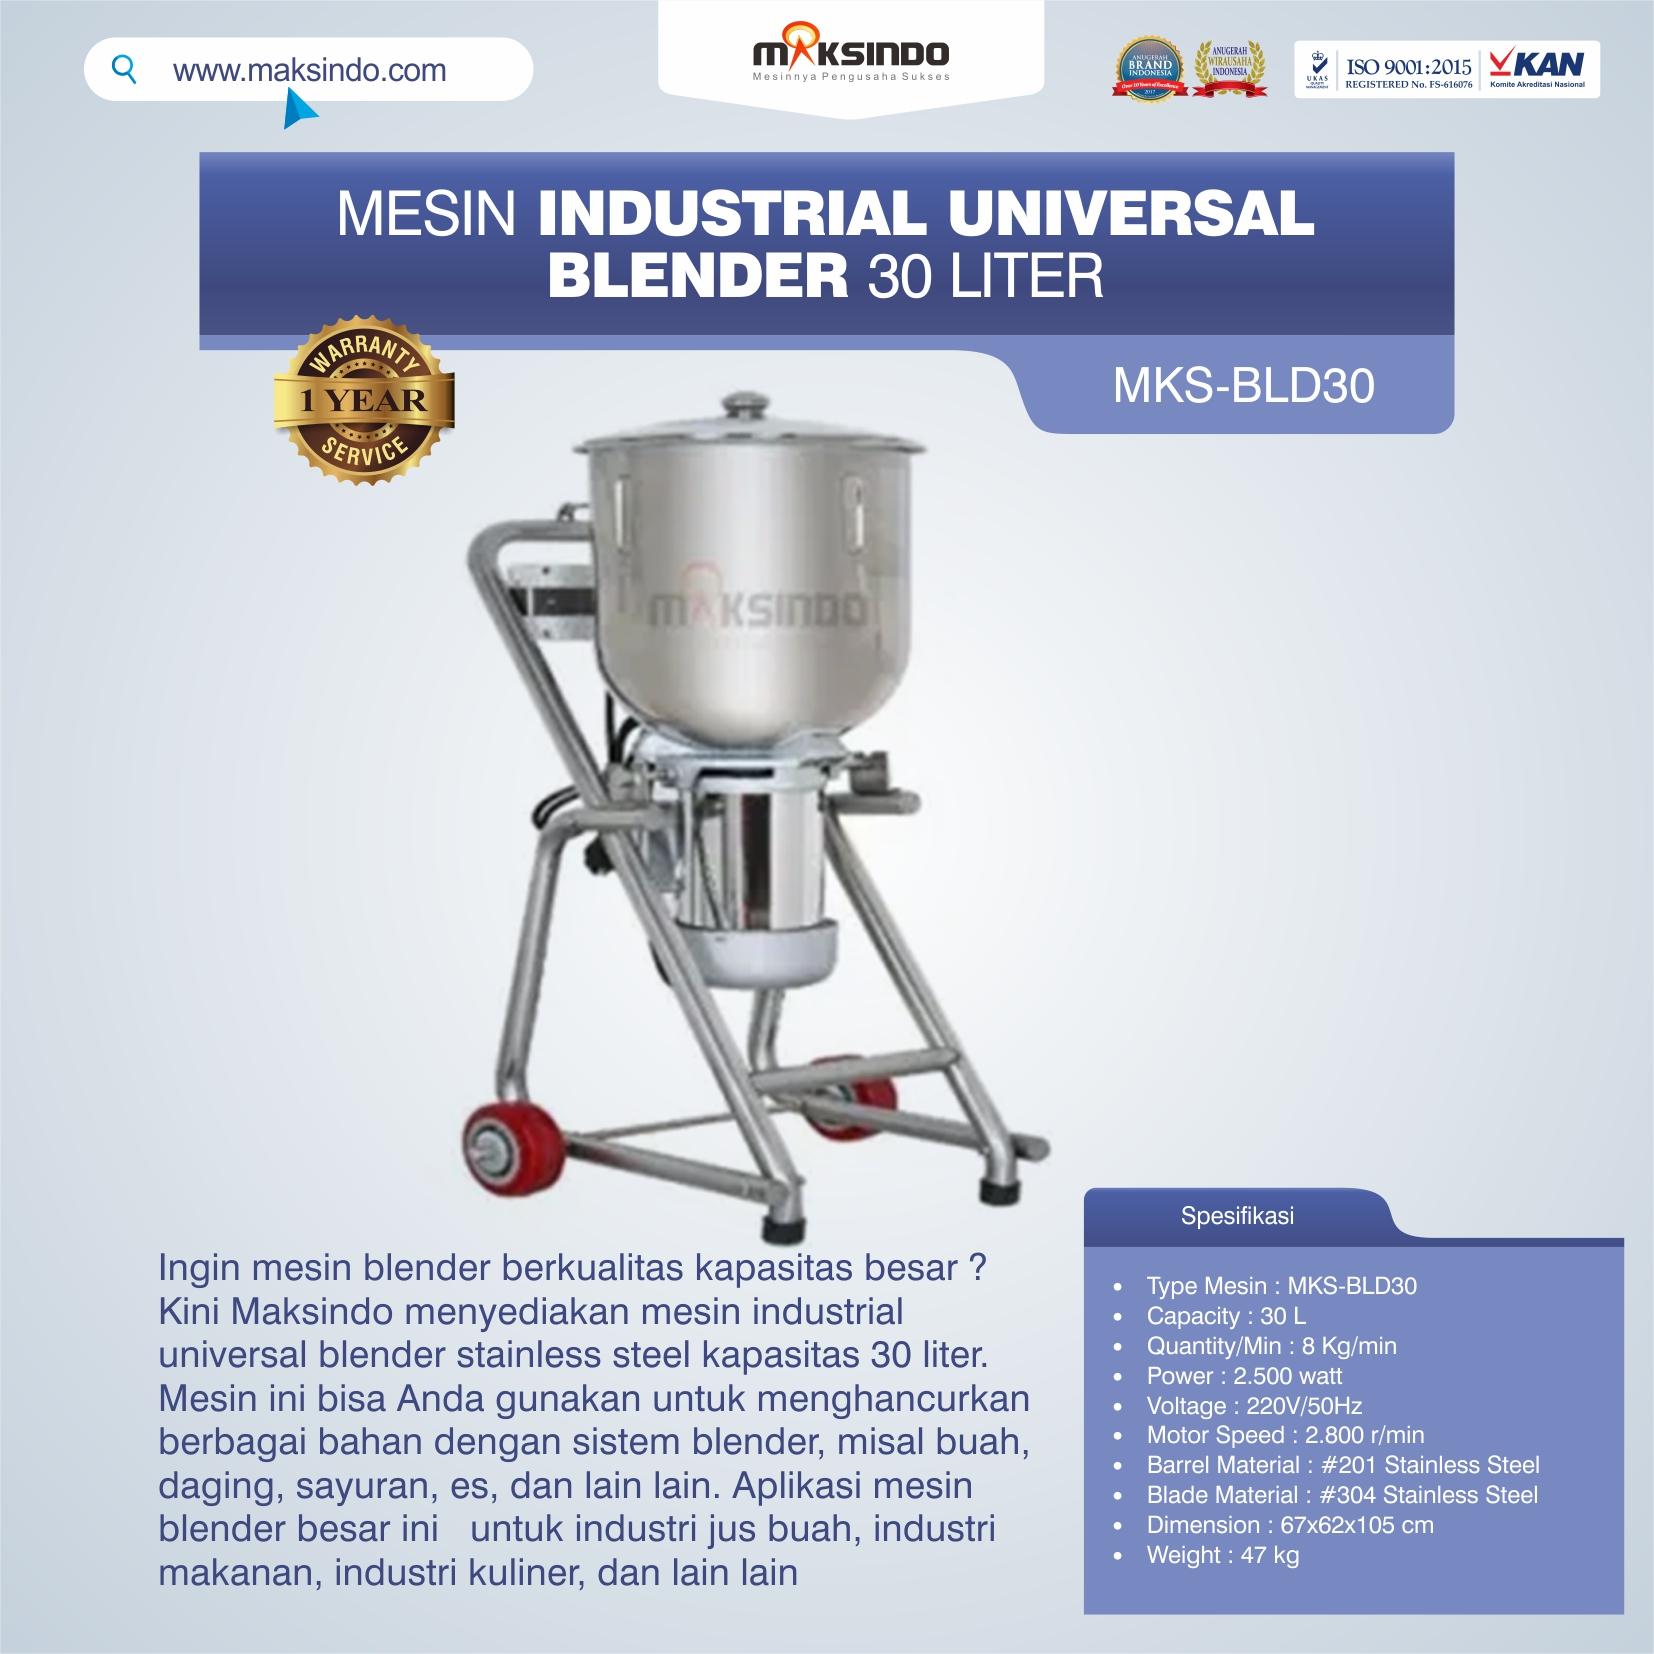 Jual Industrial Universal Blender 30 Liter MKS-BLD30 di Tangerang